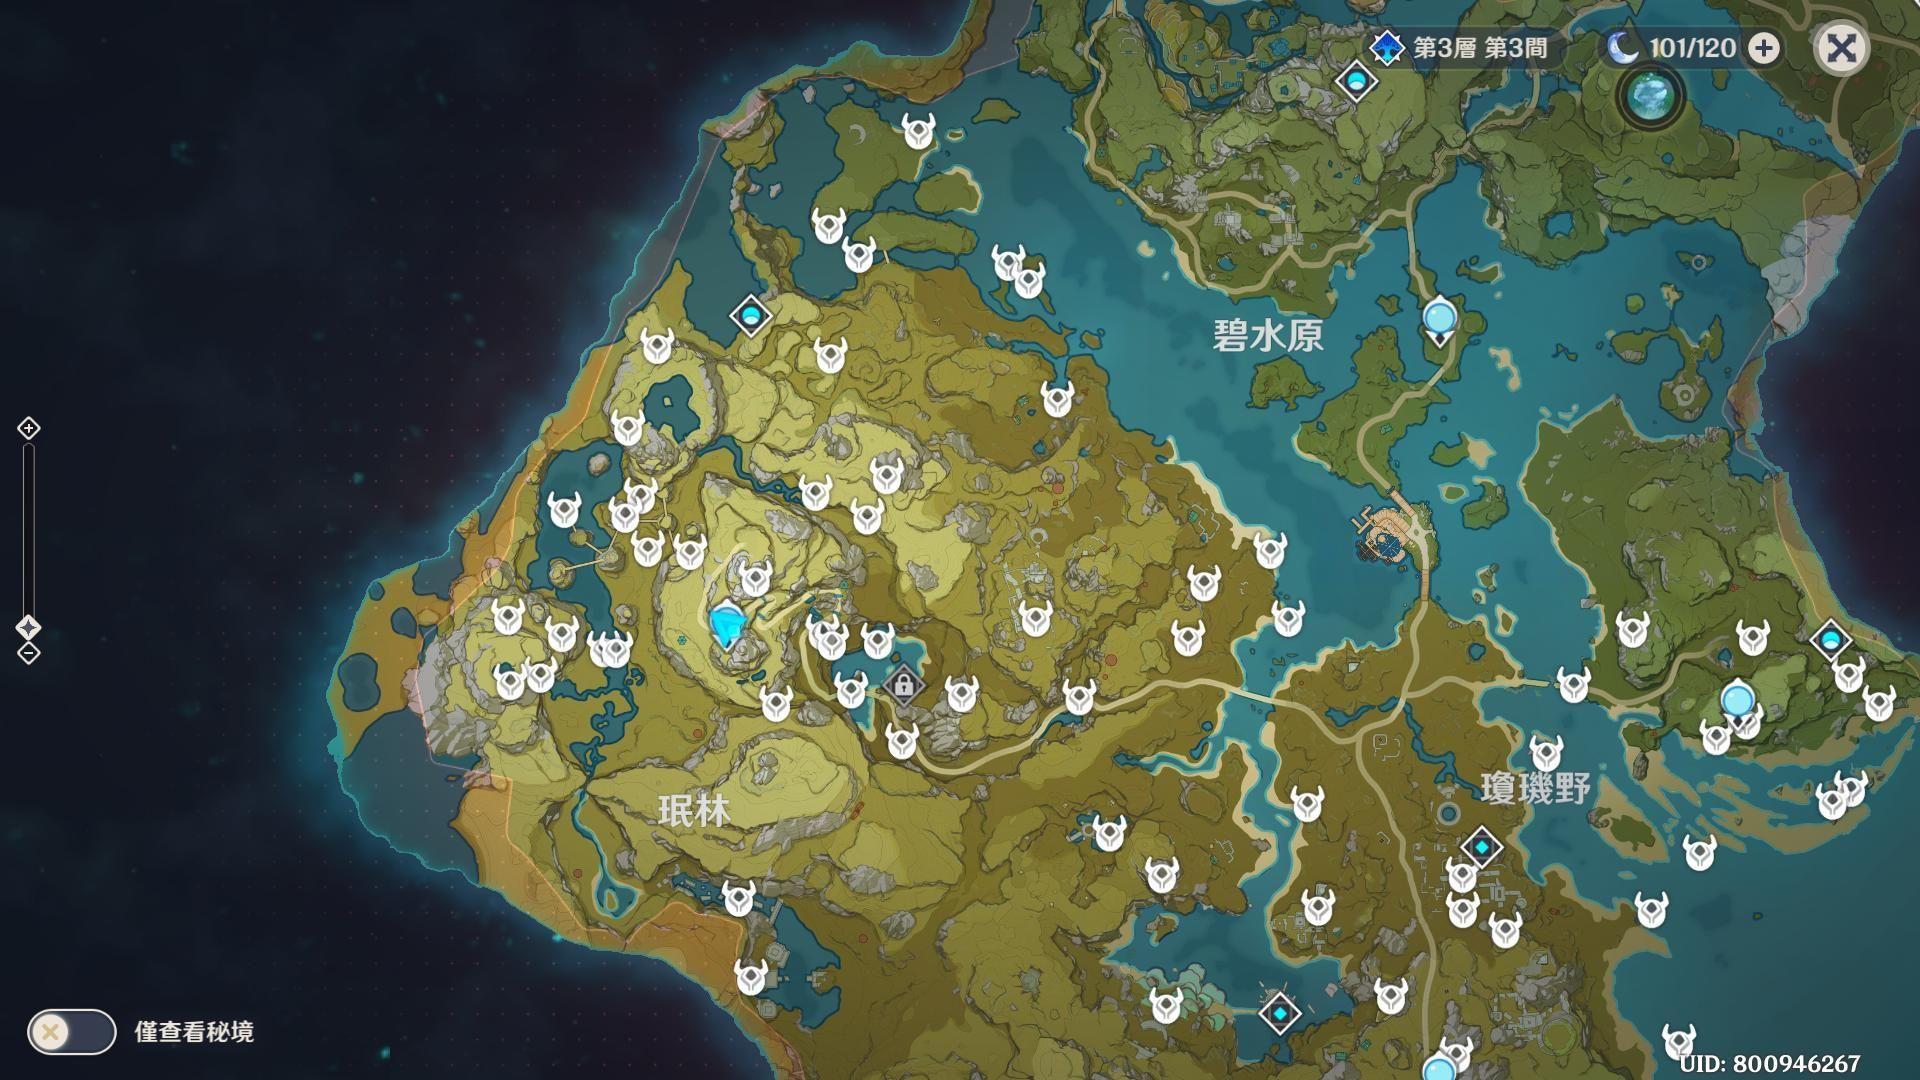 【原神】岩神瞳位置一覽懶人包,131個岩神瞳地點大全。(含成就、顏色區分圖、岩神瞳全位置影片) - 攻略, 懶人包, 地點, 原神, 岩神瞳, 岩神 - 敗家達人推薦